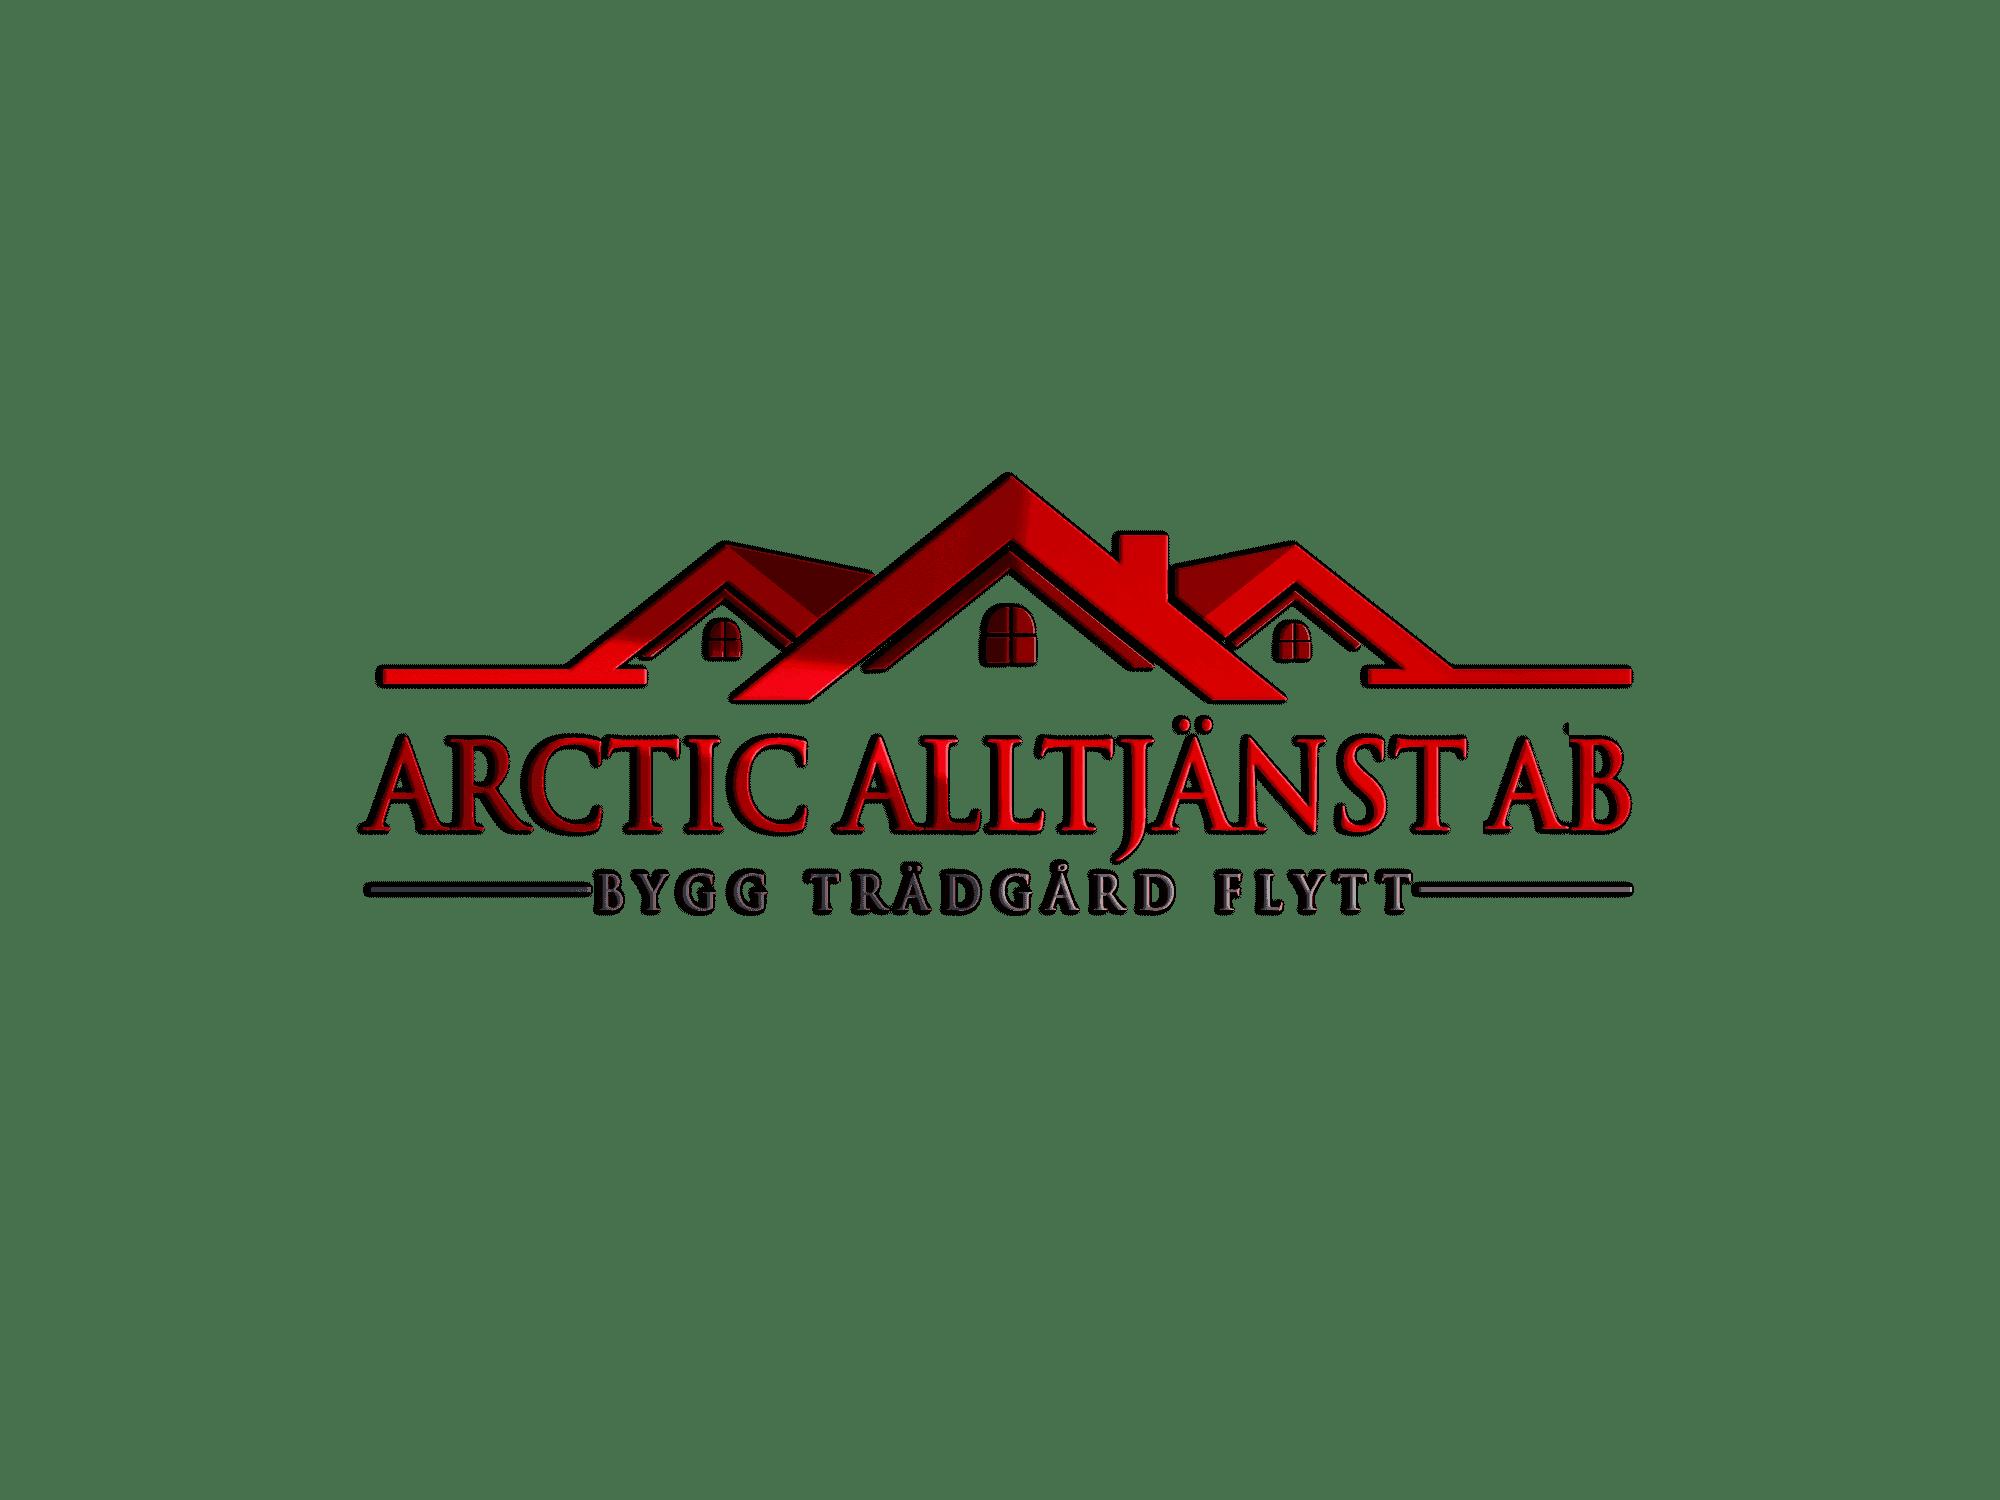 Logotyp för Arctic Alltjänst AB